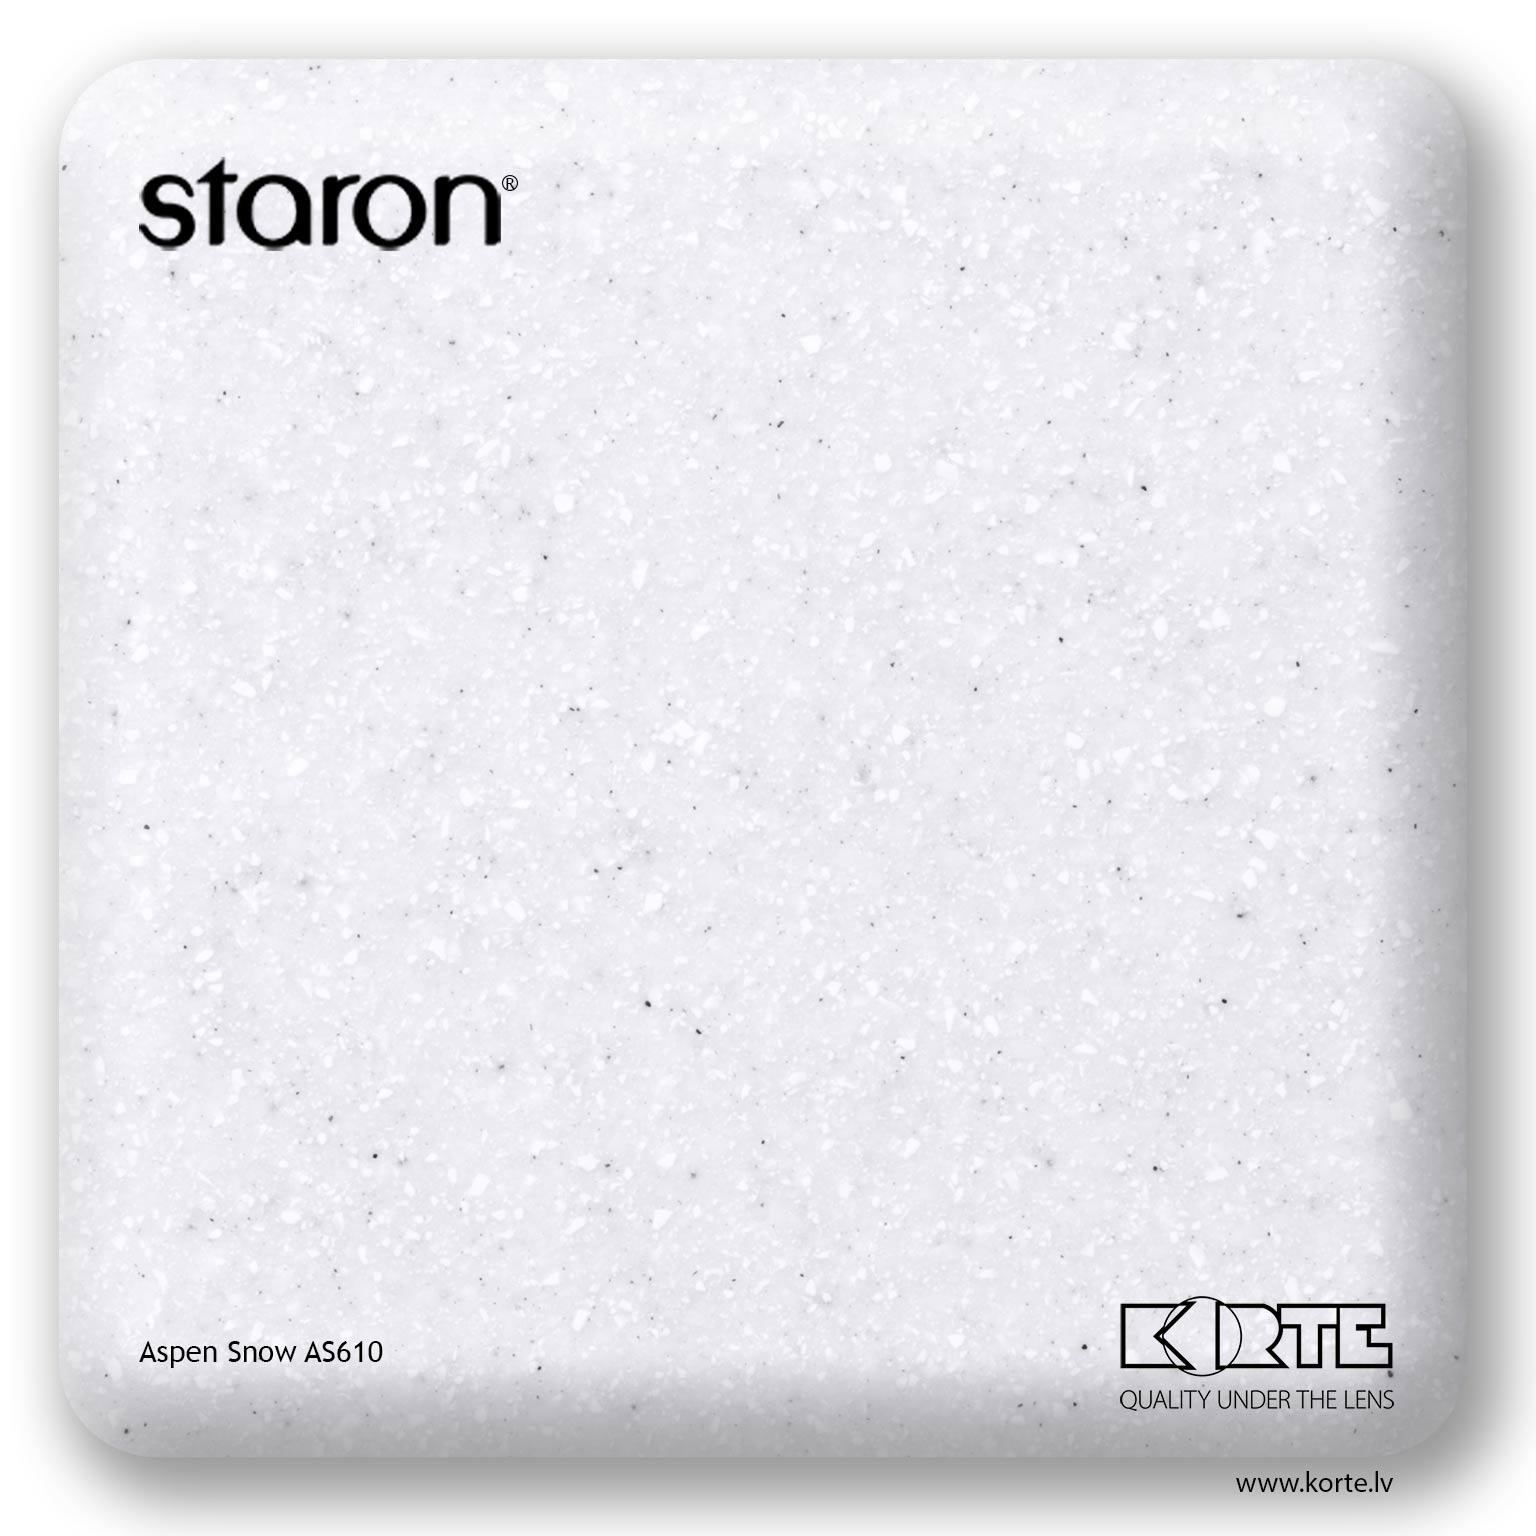 Staron Aspen Snow AS610